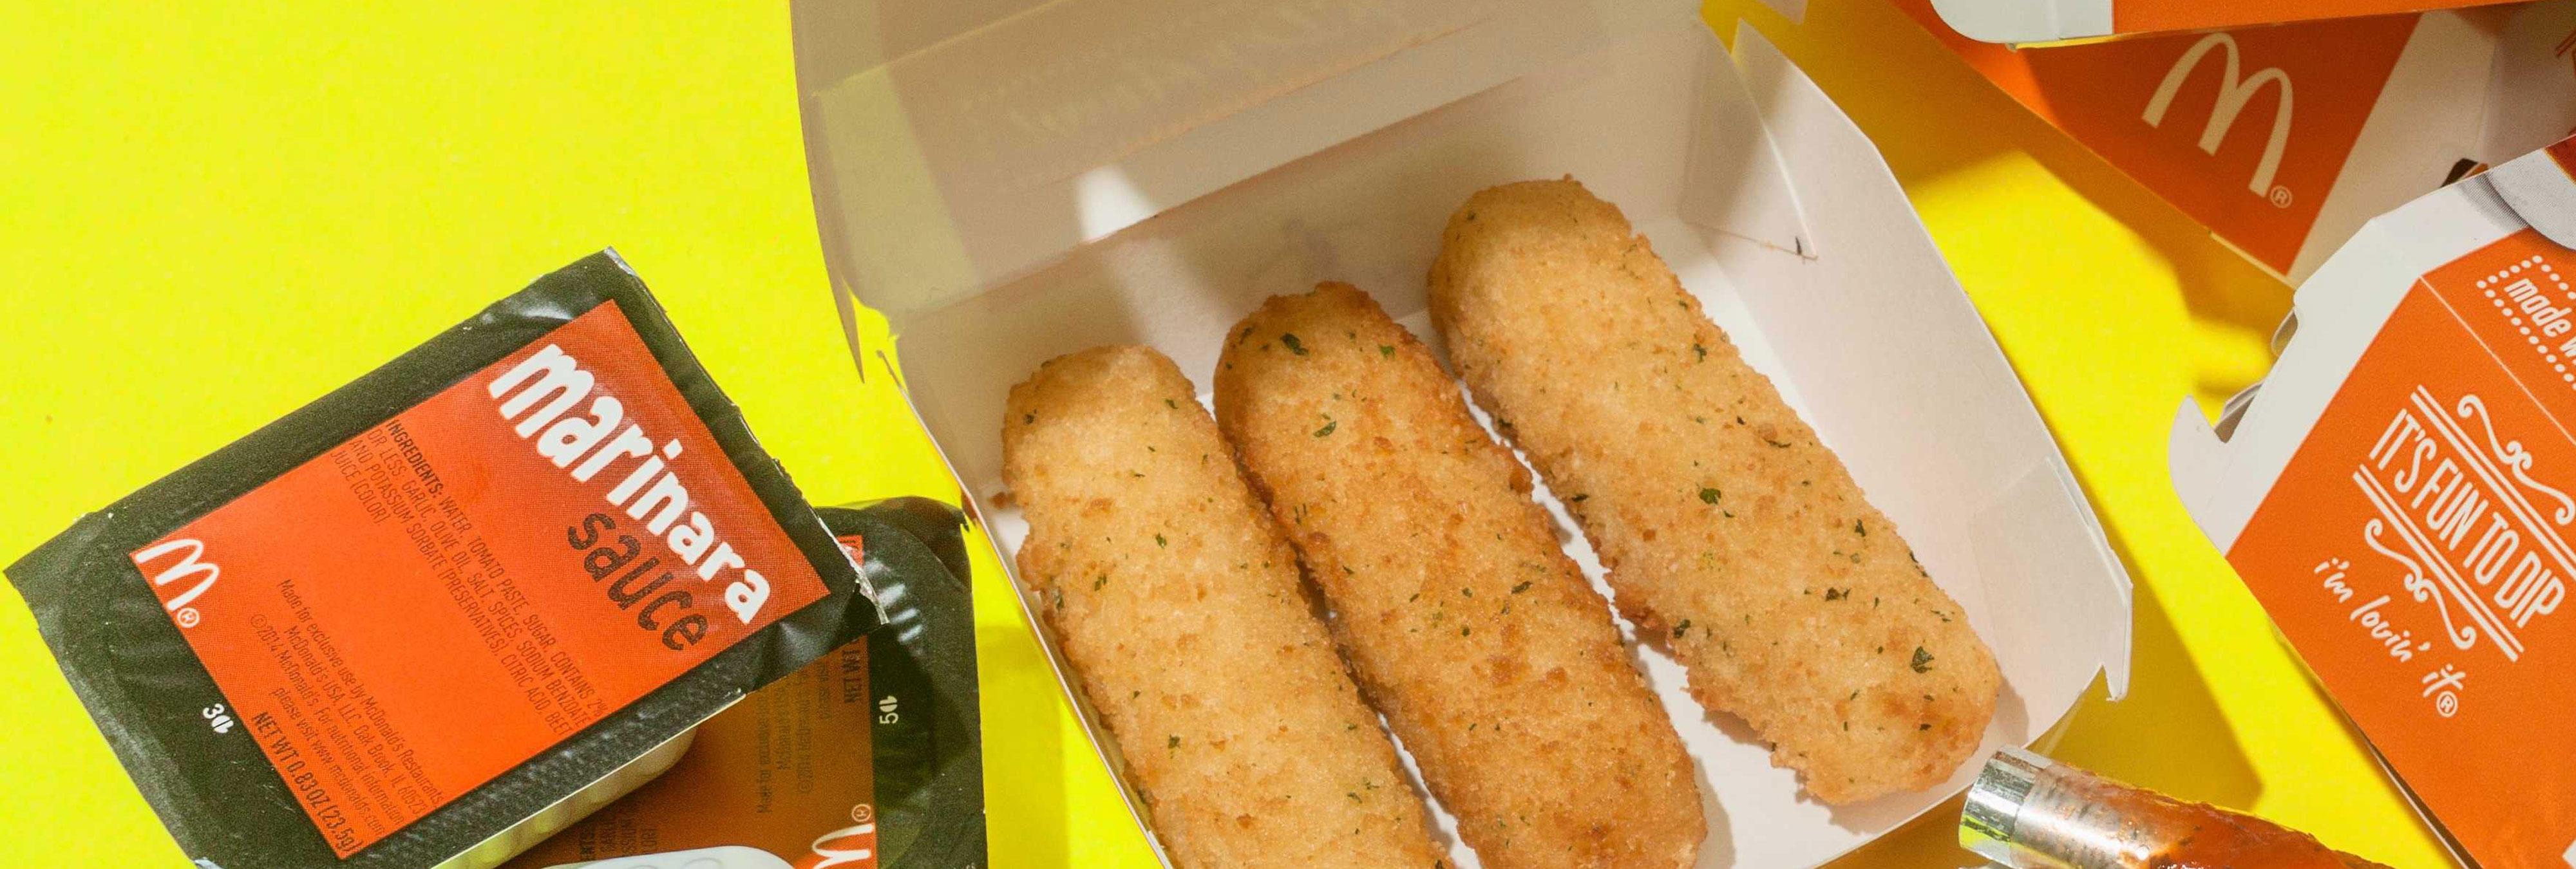 McDonald's lanza palitos de mozzarella sin un ingrediente principal: la mozzarella